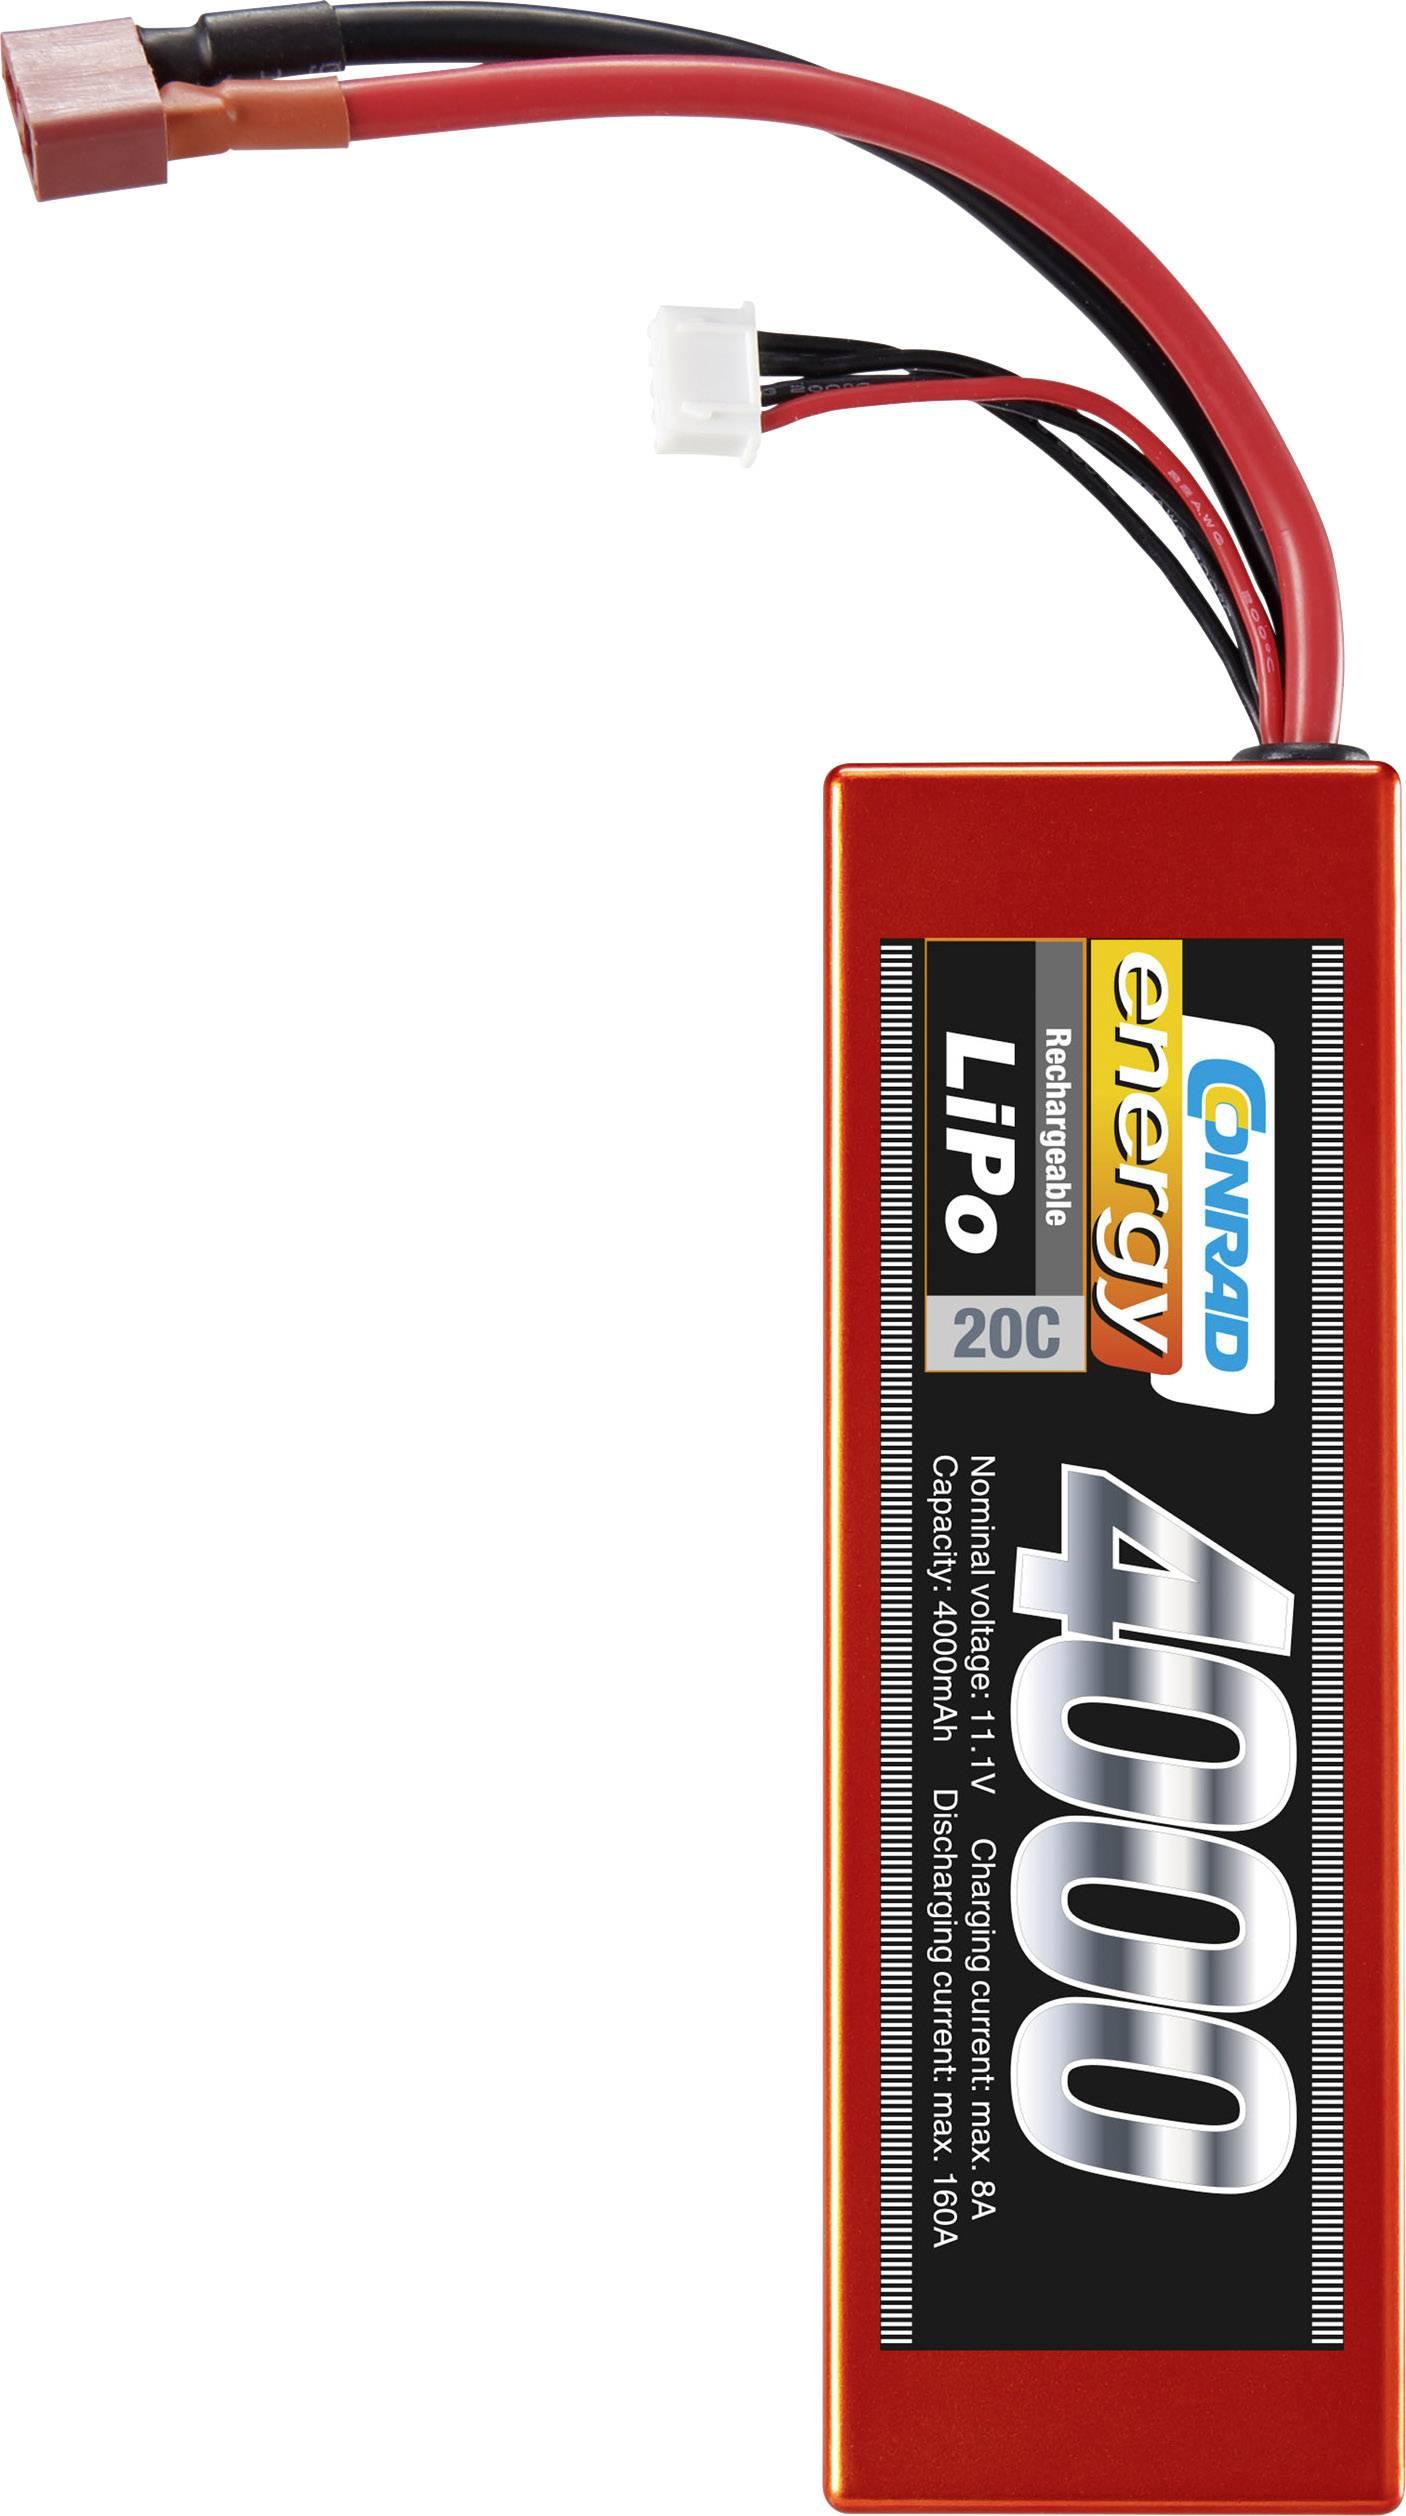 Akupack Li-Pol (modelářství) Conrad energy Hardcase, T zásuvka 11.1 V, 4000 mAh, 20 C